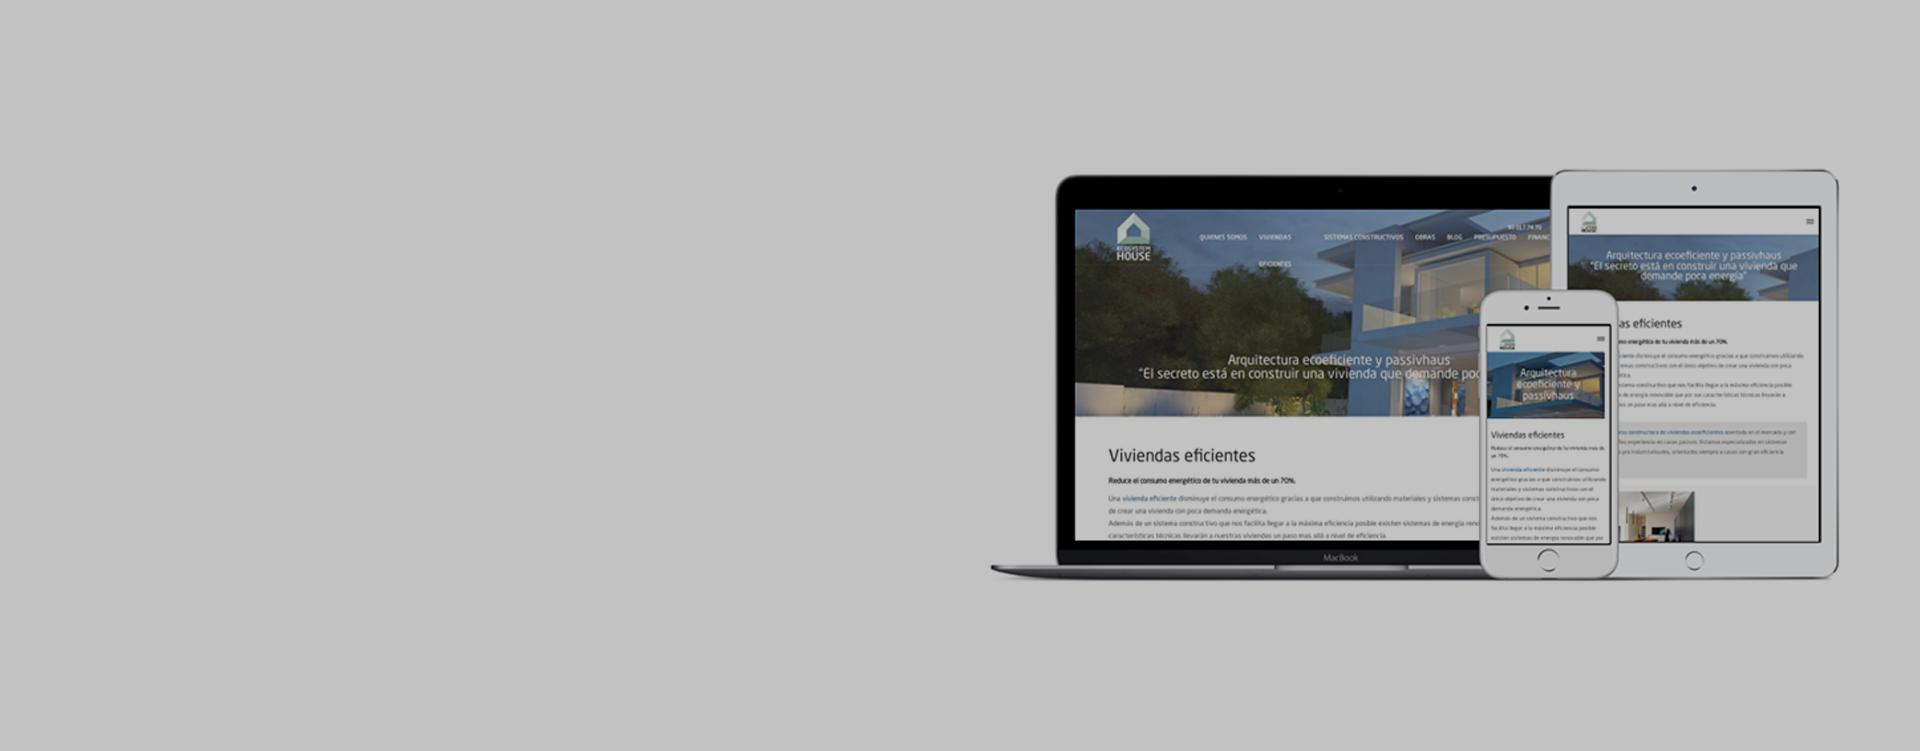 ¡Estrenamos página web! Bienvenidos, esperamos que os guste.